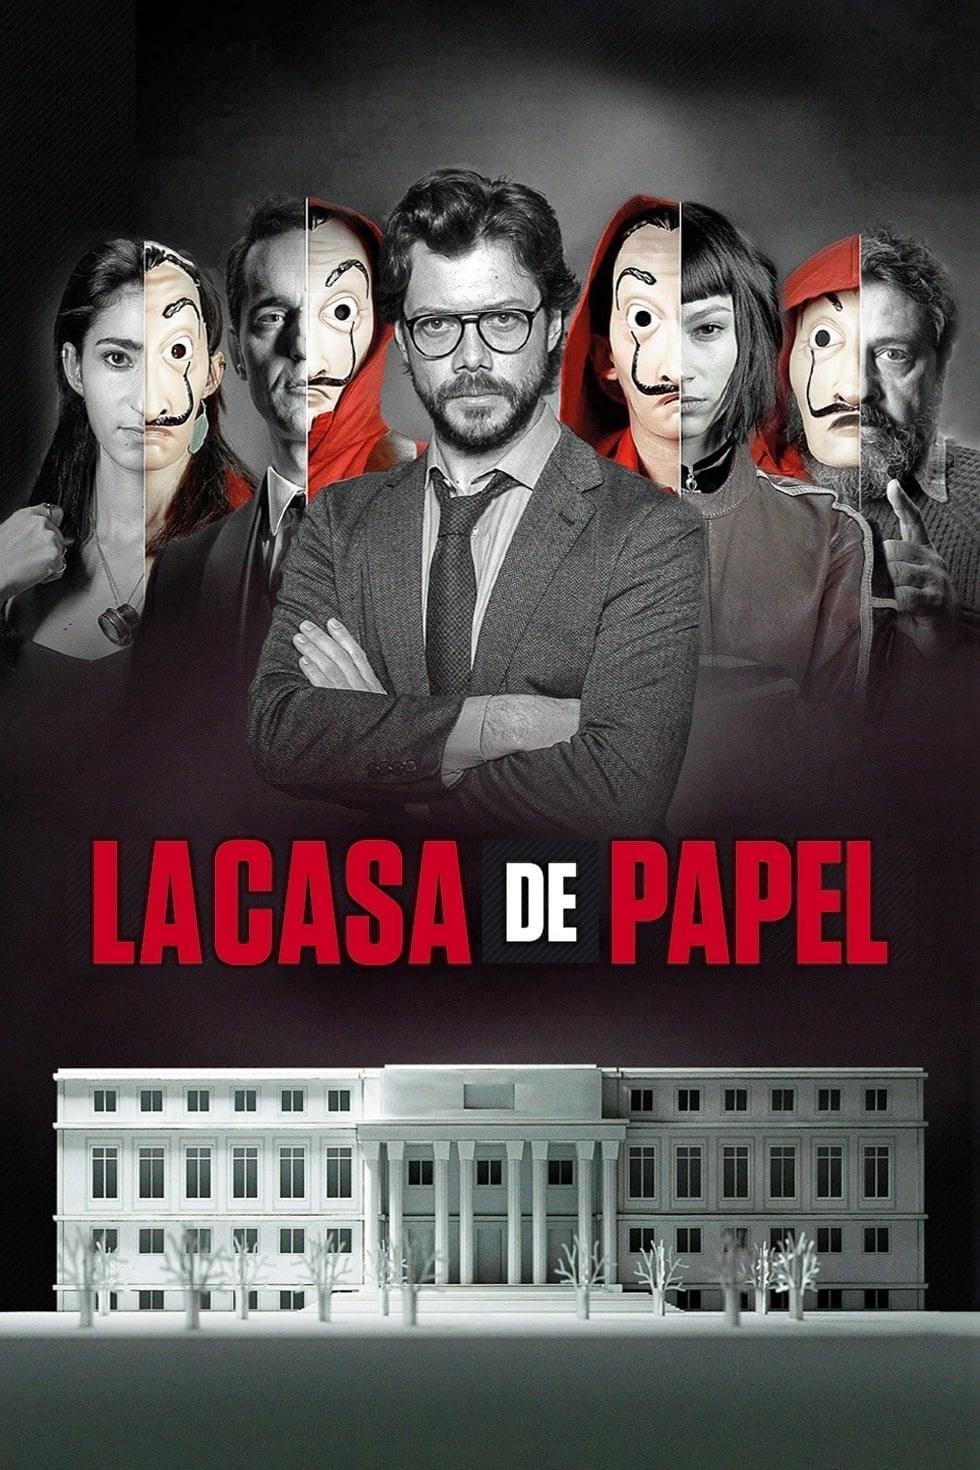 La Casa De Papel (Money Heist) S01 DUAL-AUDIO SPA-ENG 10bit 720p WEBRip